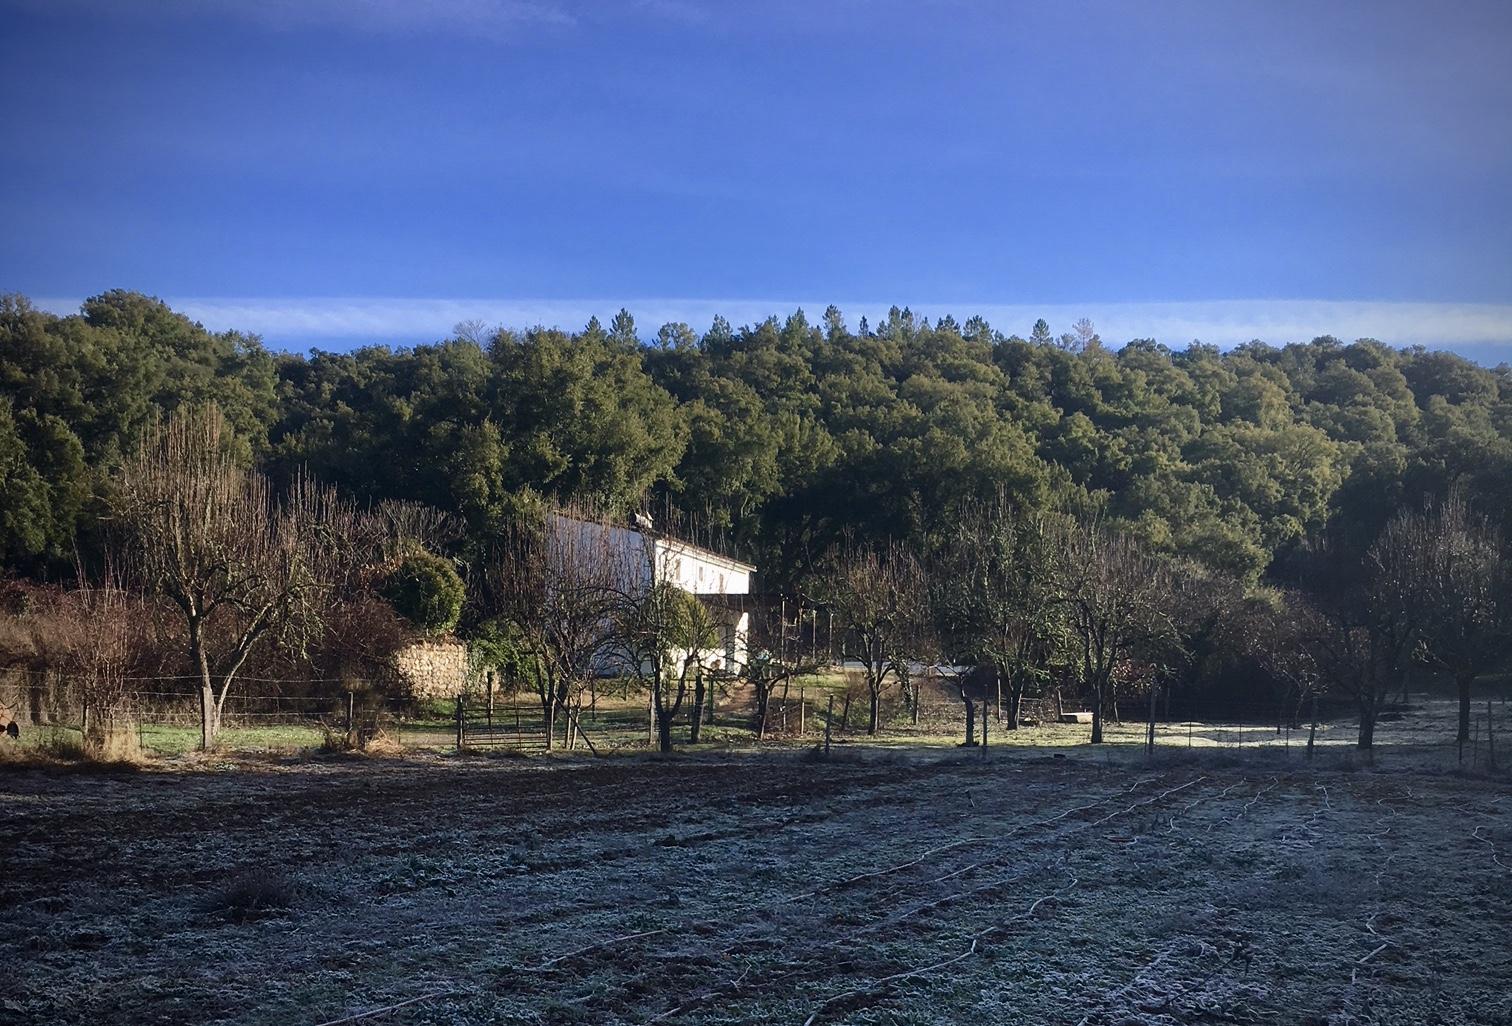 Wintermorgens im Obstgarten. Blick auf das Haus Platero.